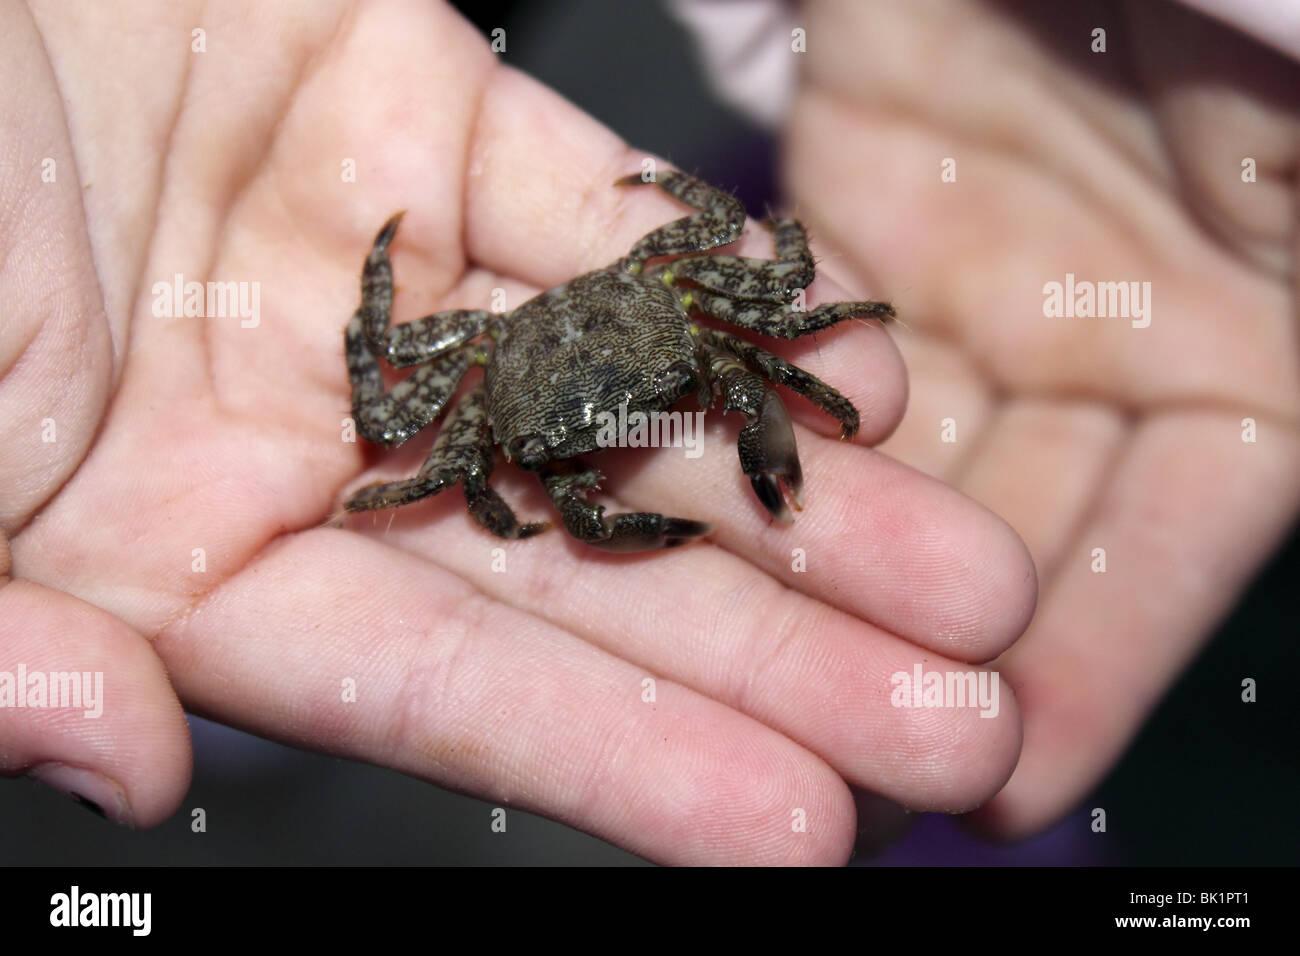 Cangrejo Vivo en manos de niños temerosos de las garras del mar mediterráneo crustáceo Foto de stock